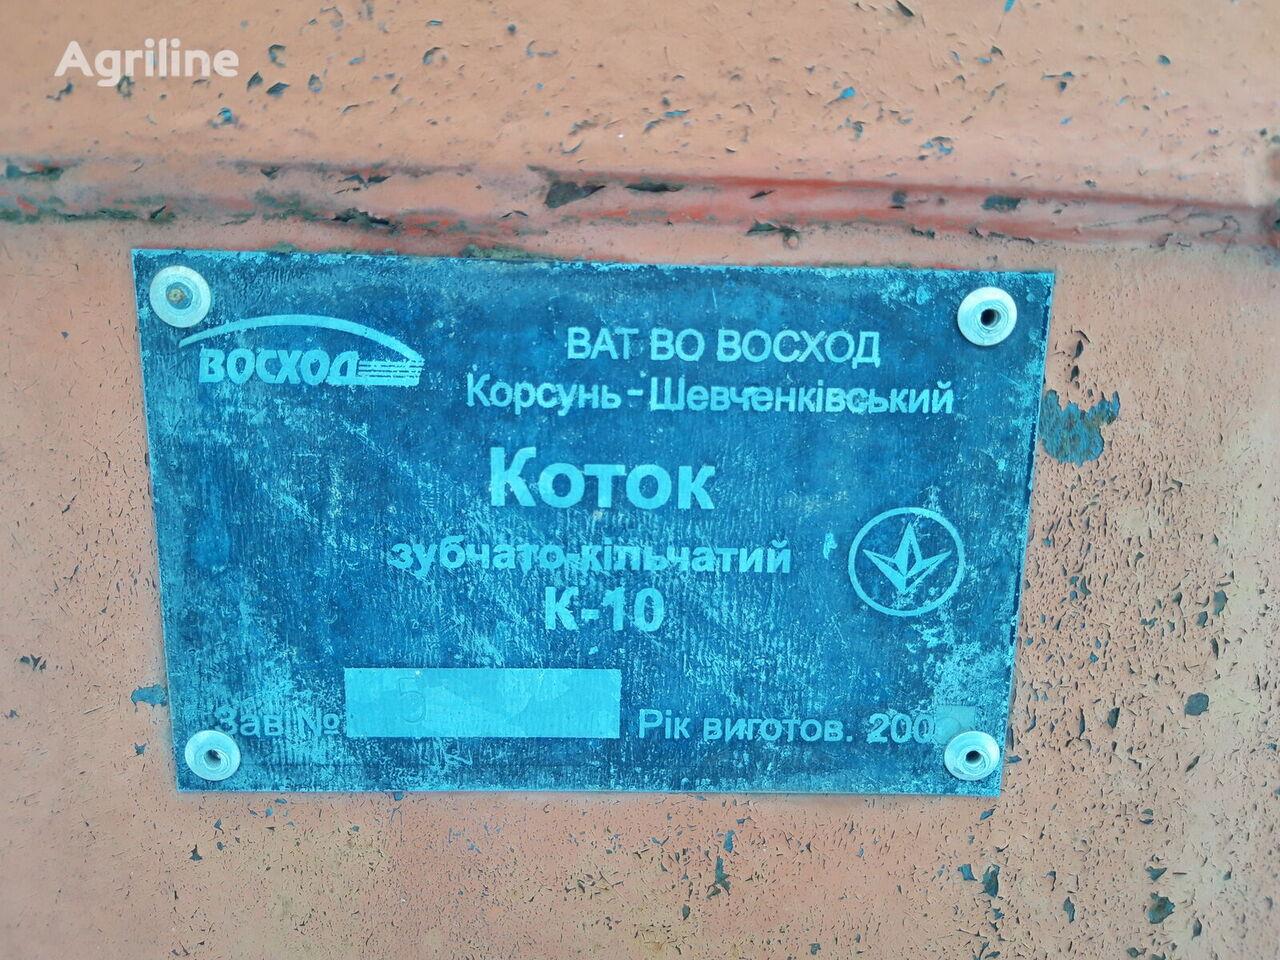 Korsun K-10 field roller